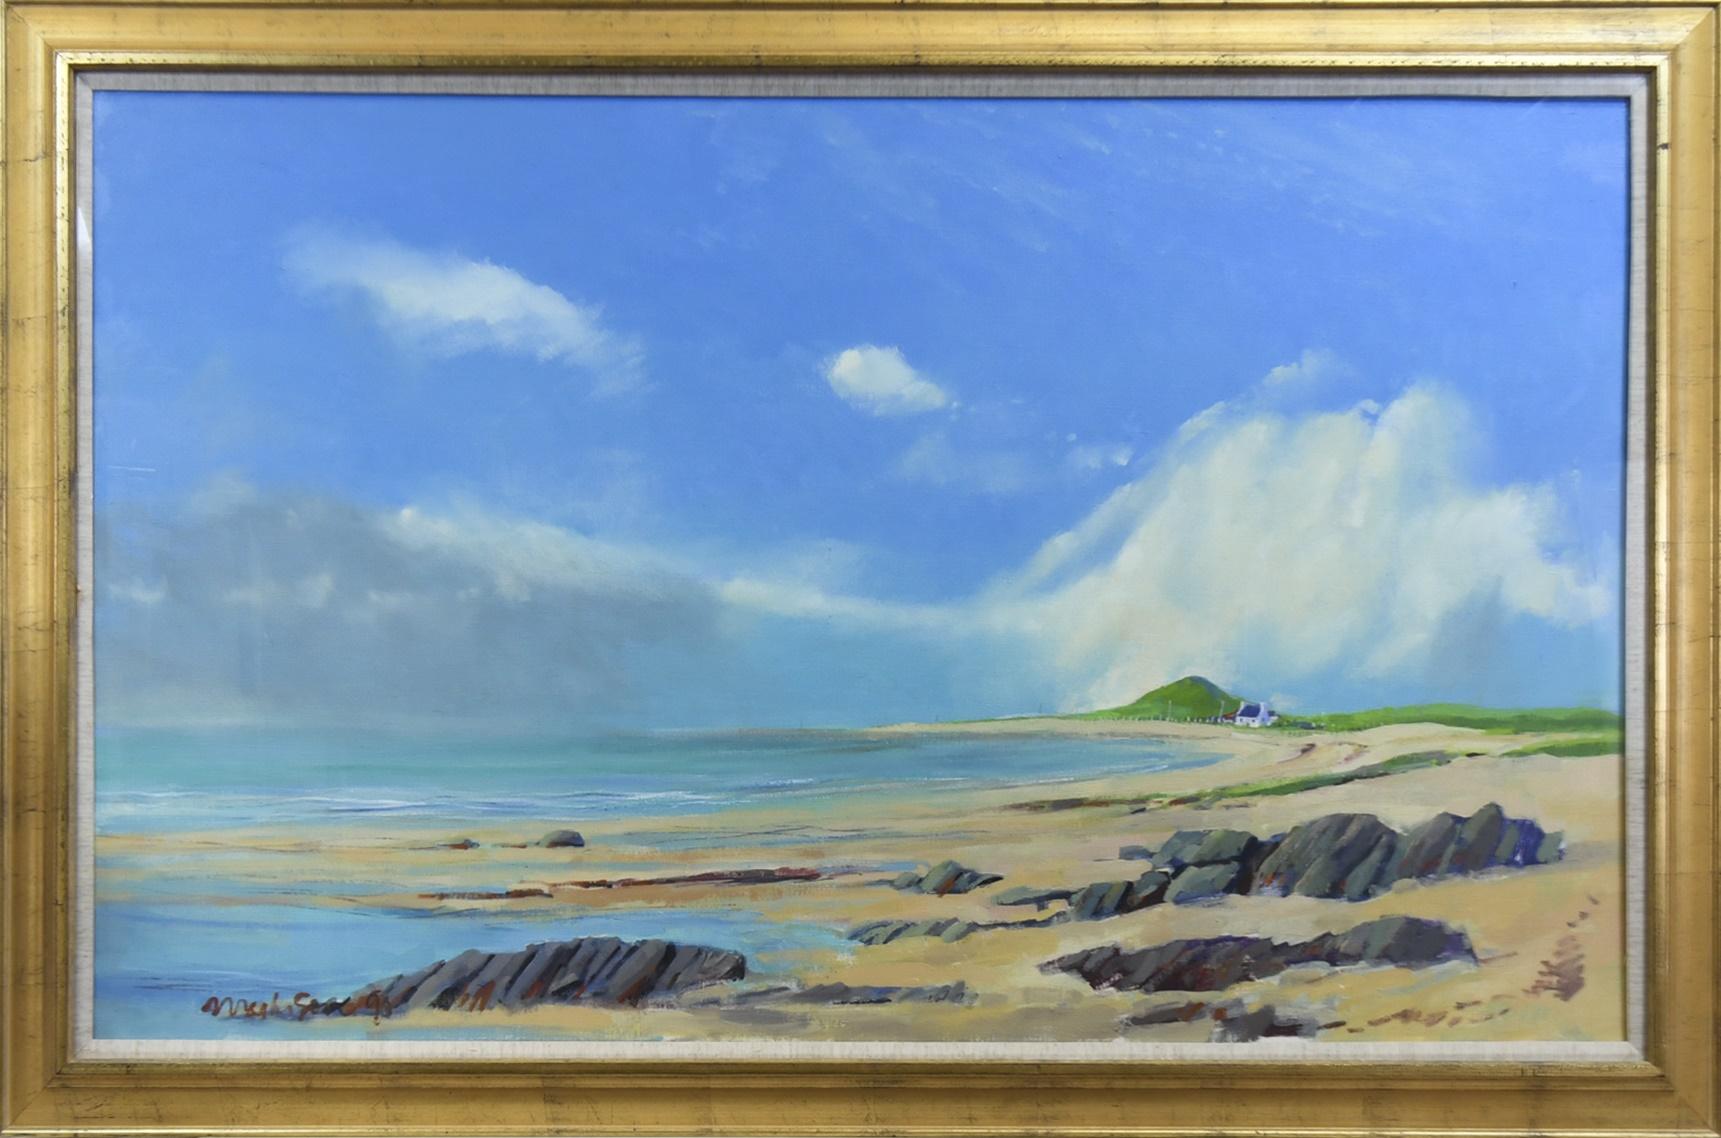 SOUTH UIST, AN OIL BY JOHN MATHISON